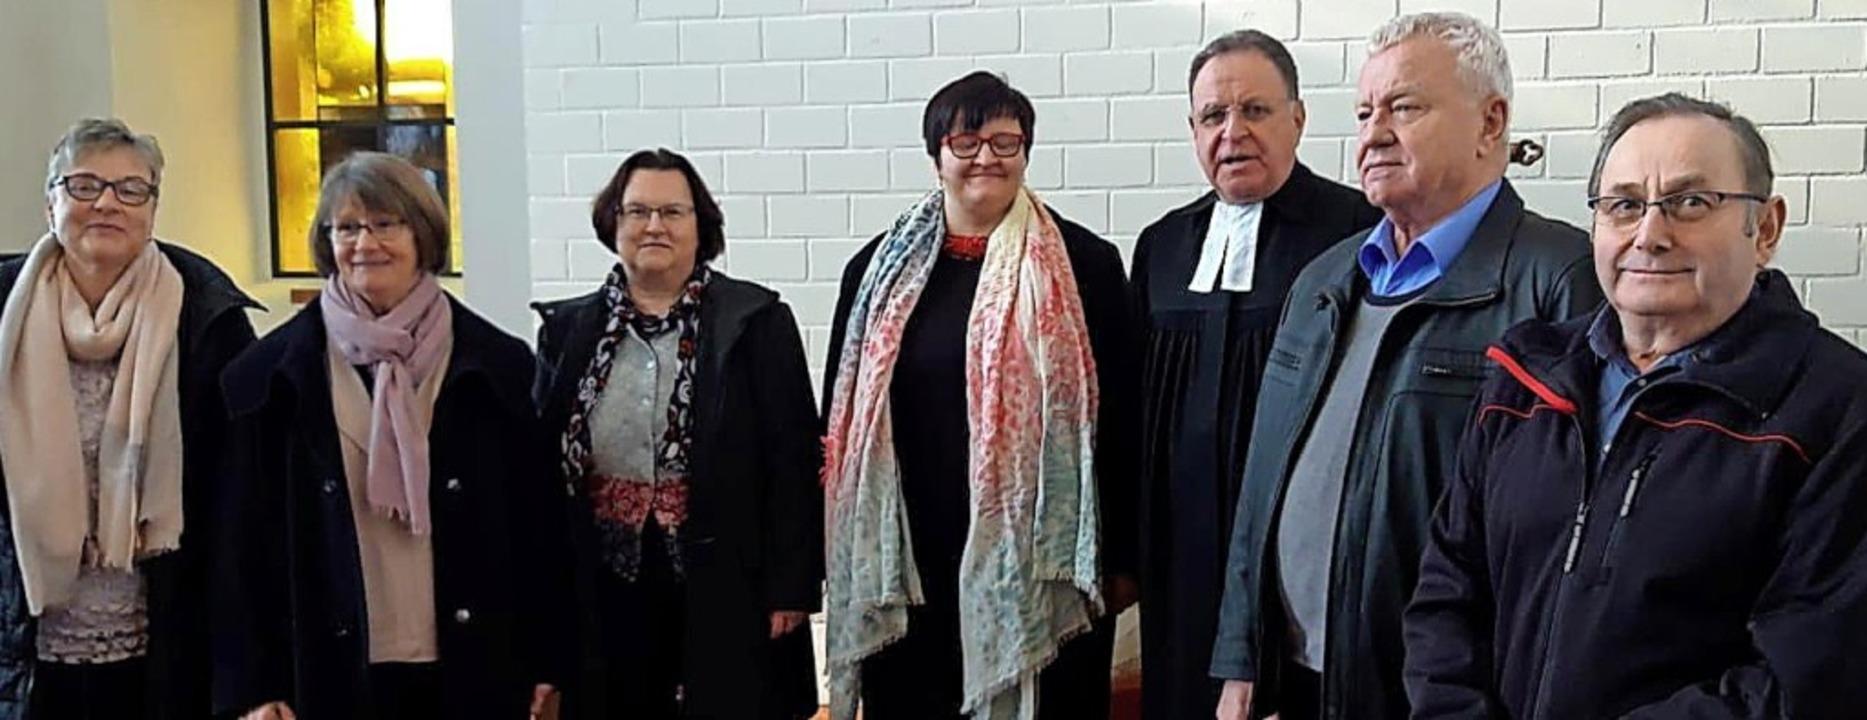 Der neue Rat (von links):  Christina B...nze, Jürgen Wolf, Karlheinz Strohmeier  | Foto: Privat